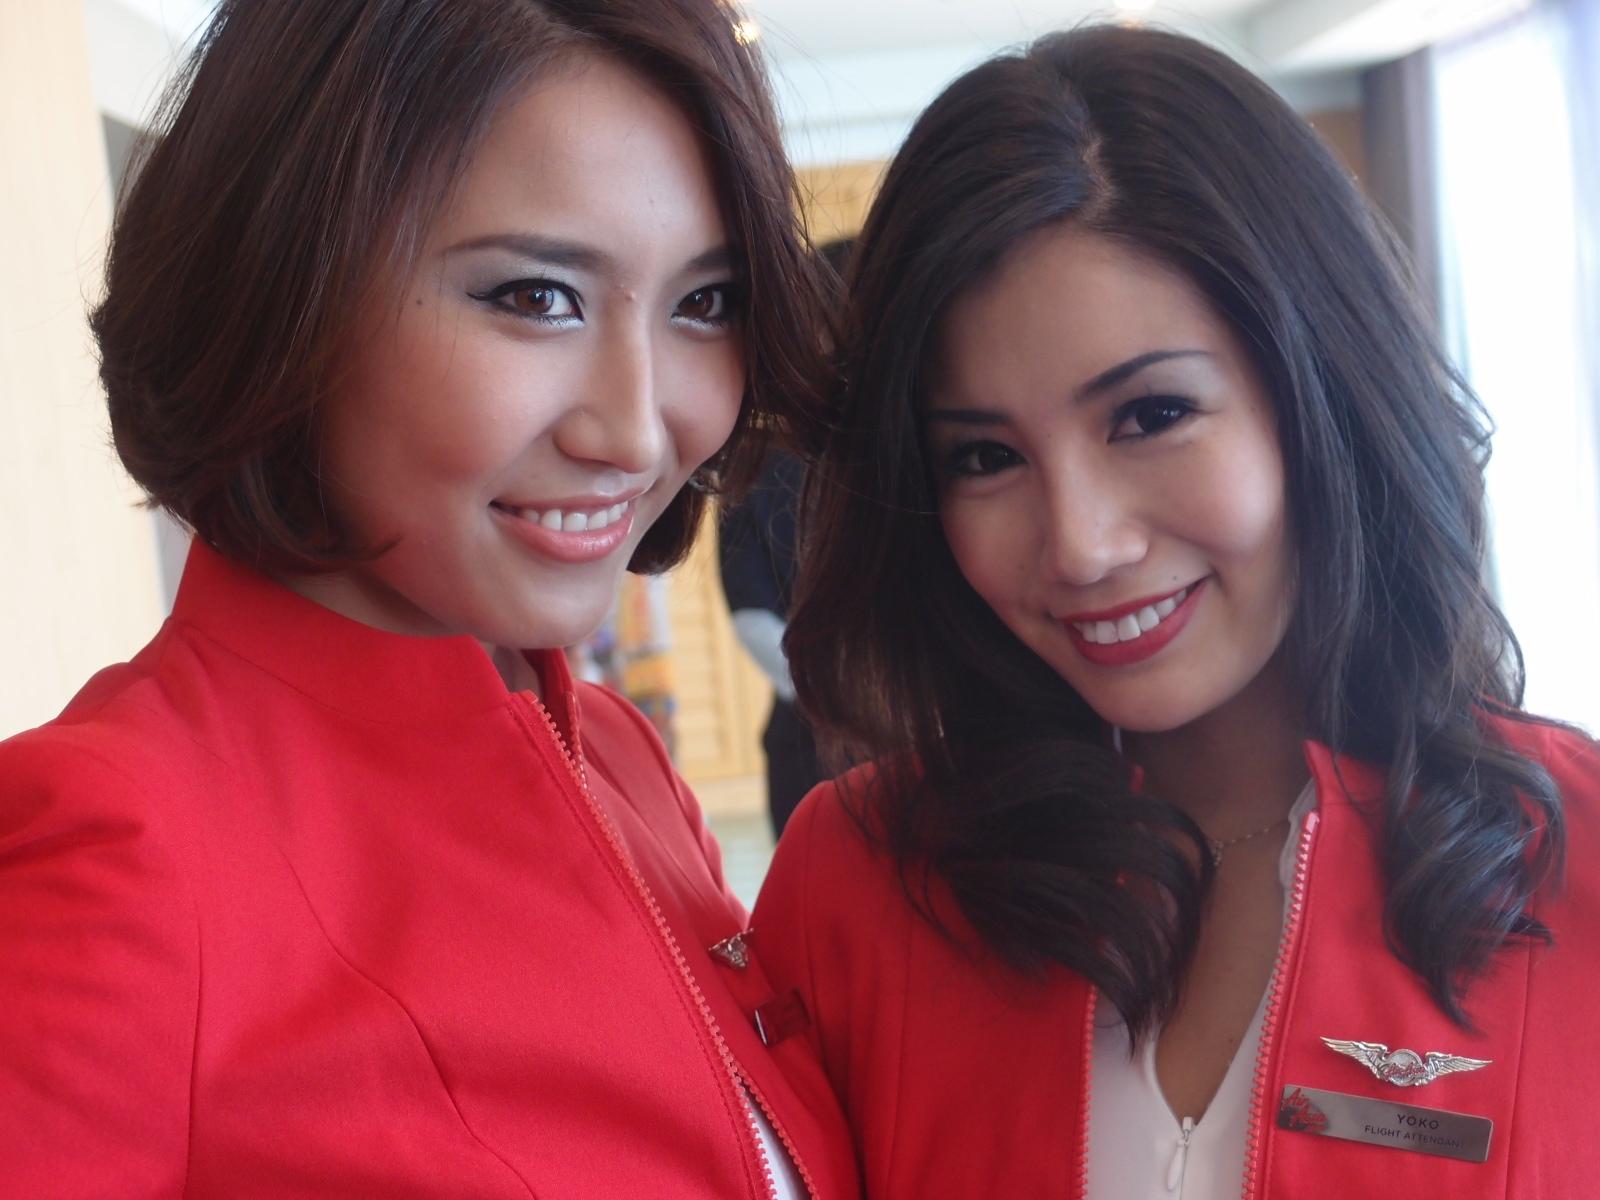 日系航空会社のフライトアテンダント全然違いますよね。 彼女達が日本人っ...  AirAsia記